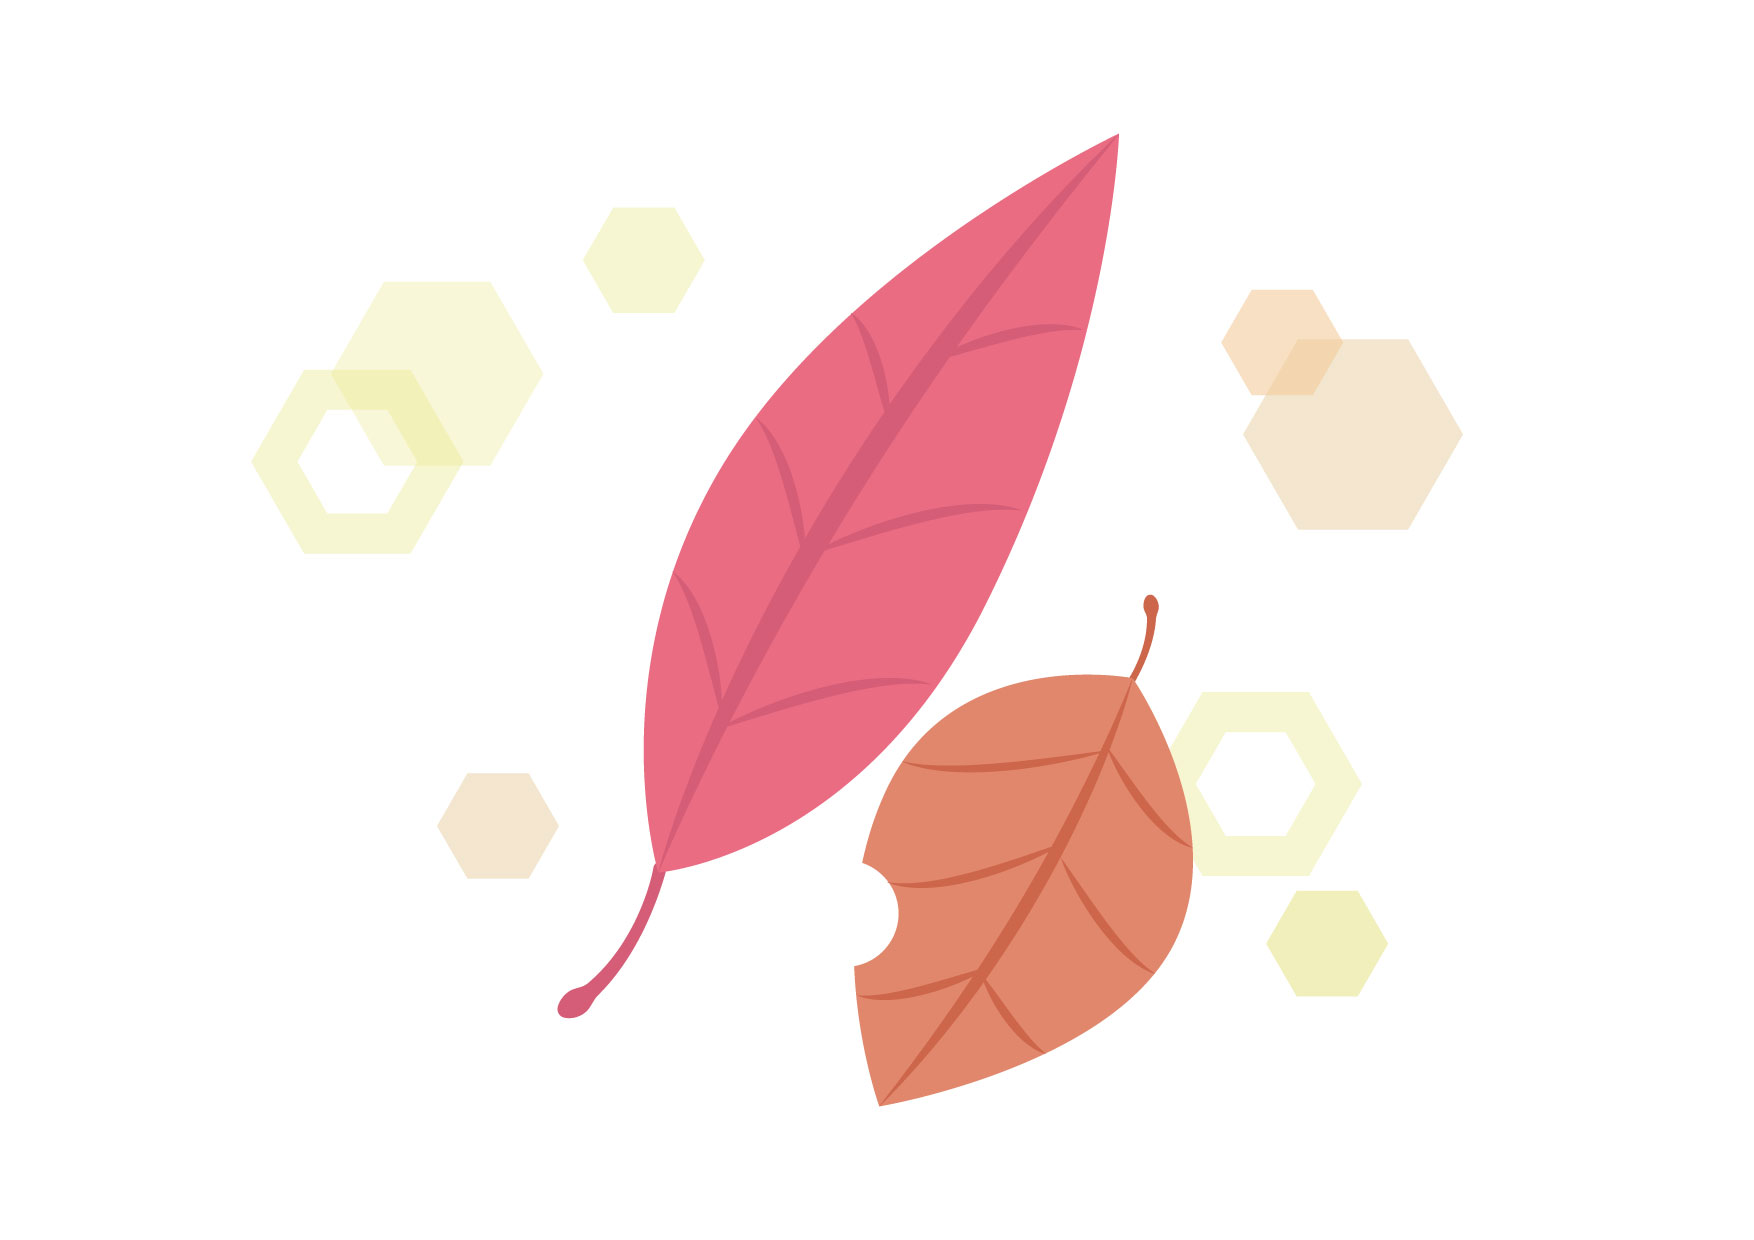 可愛いイラスト無料|落ち葉 ピンク キラキラ − free illustration Fallen leaves pink glitter